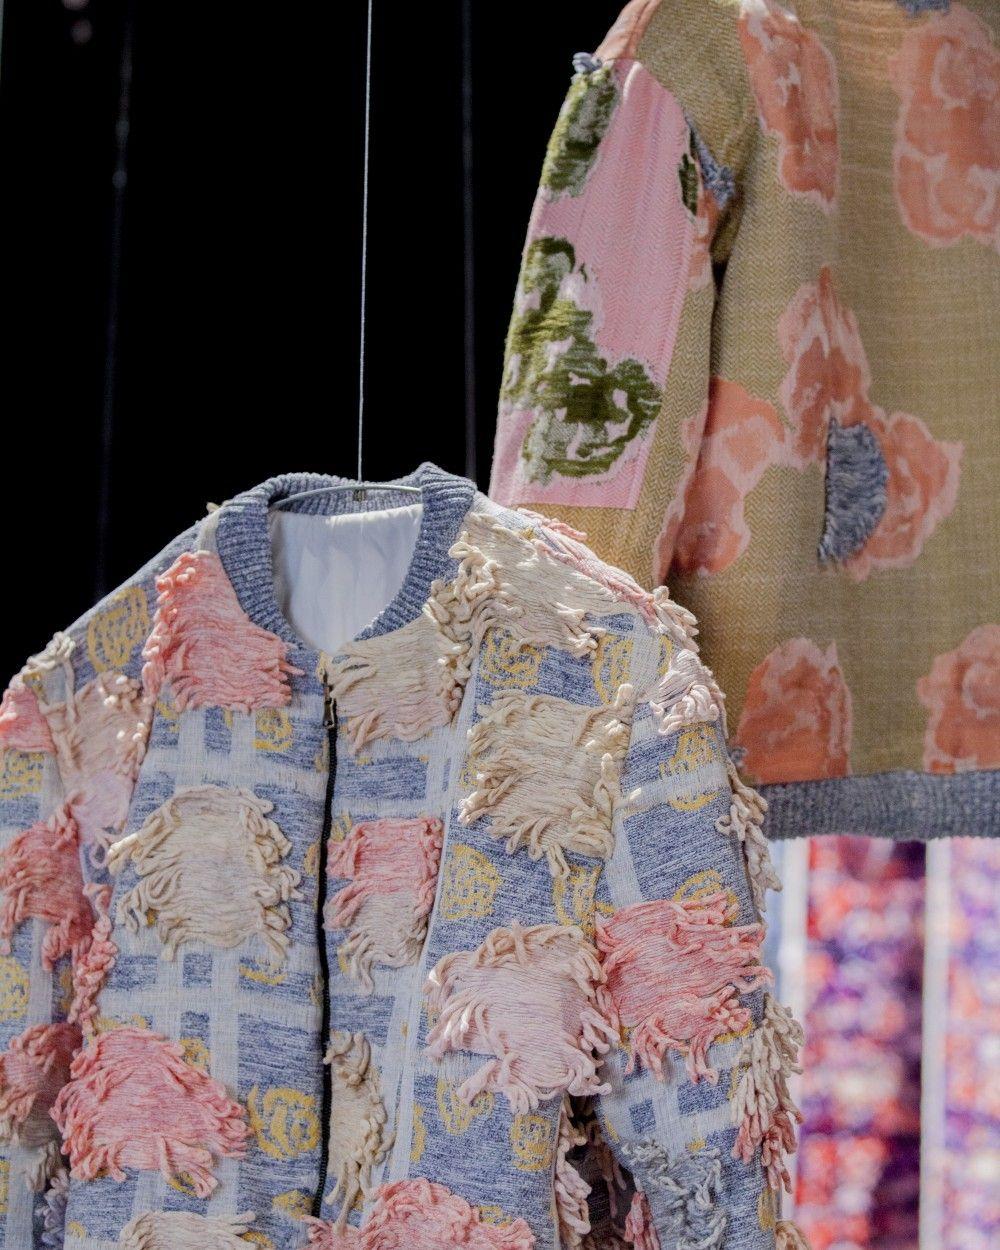 Tekstiili16 - Ettore by Milla Lintilä, photo credit Eeva Suorlahti 2016